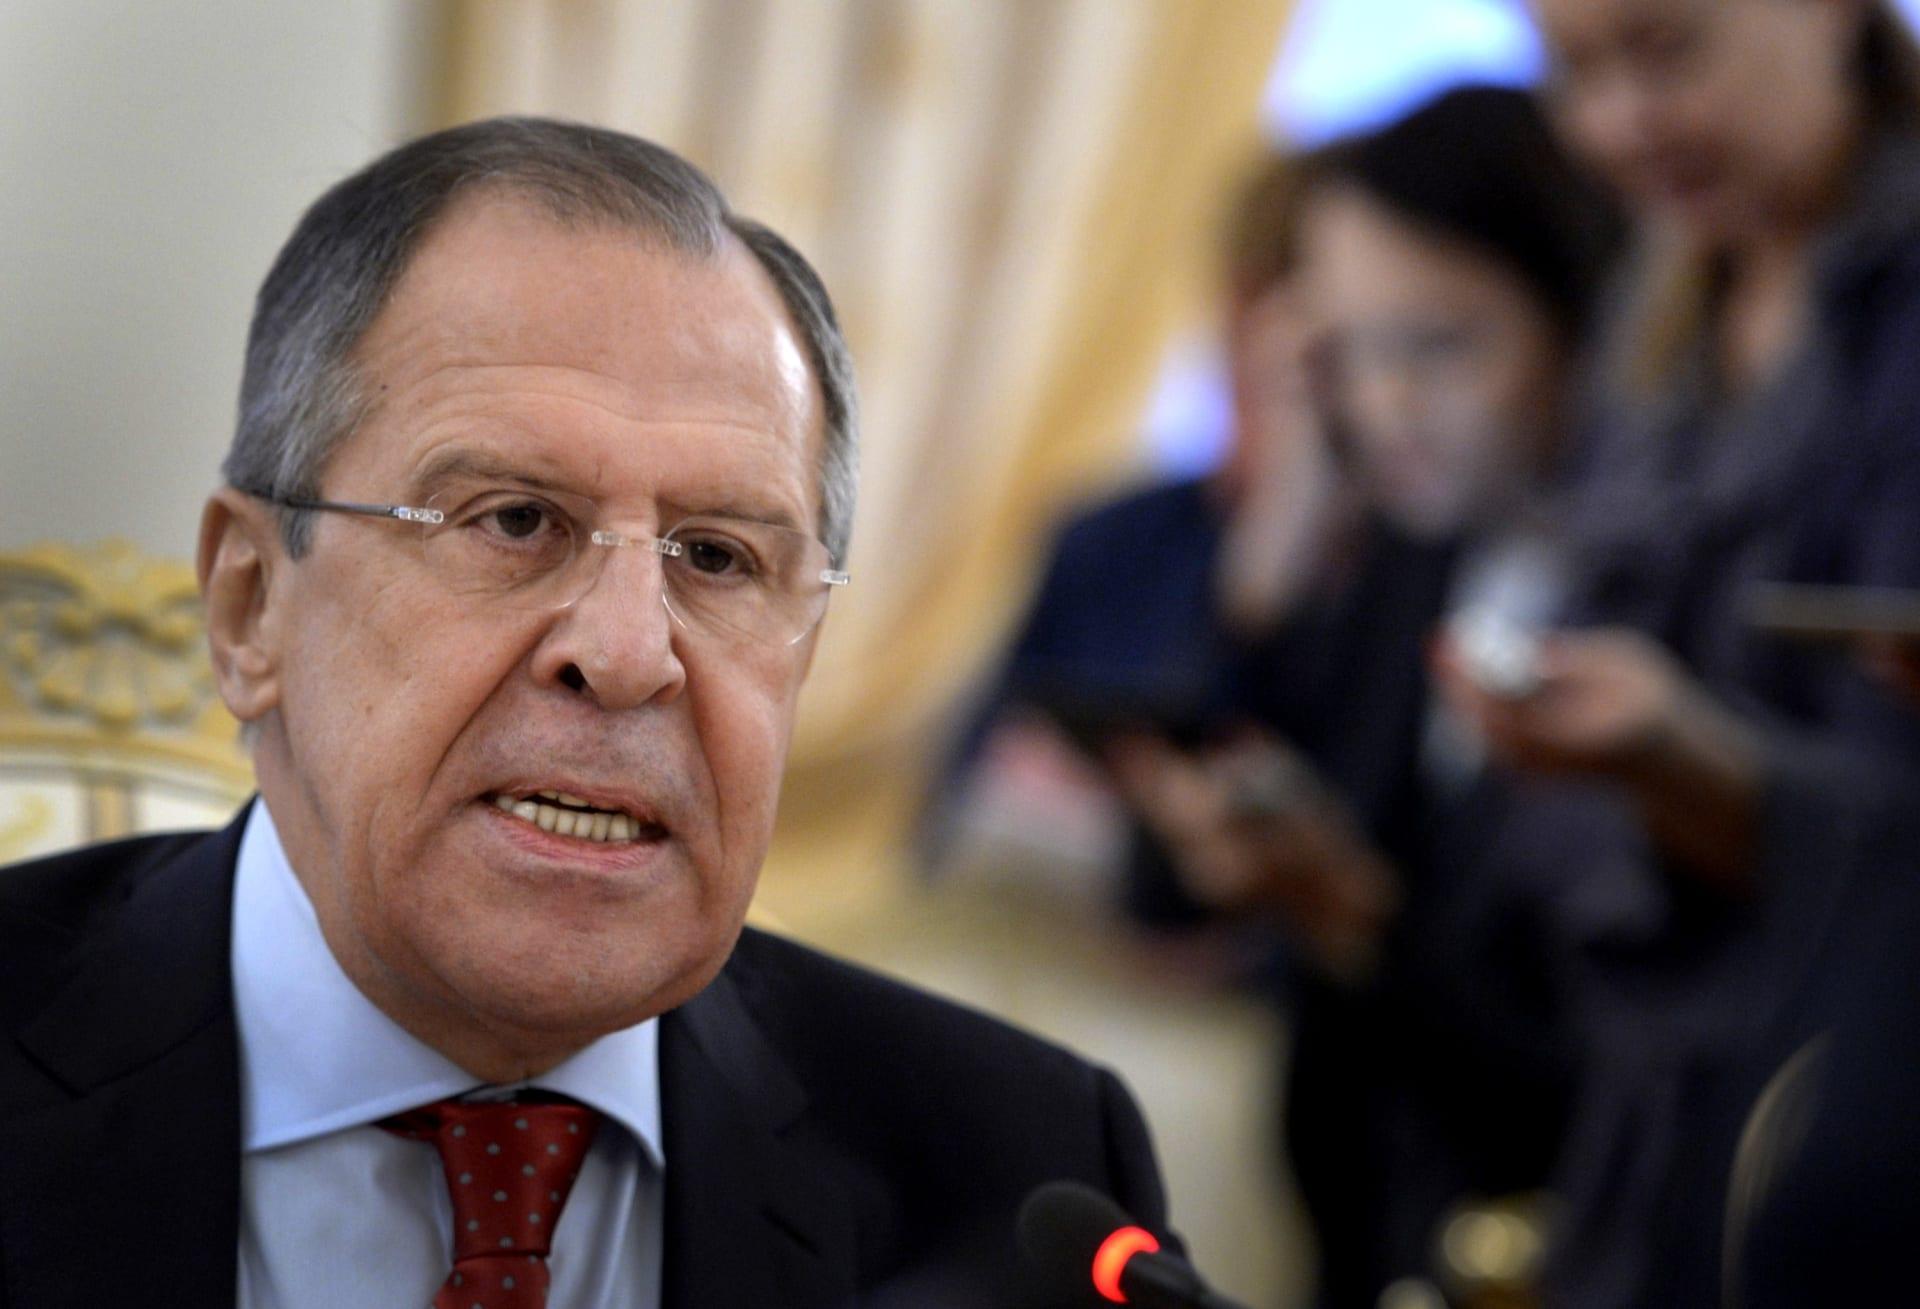 """روسيا للغرب: اتركوا حل أزمة سوريا للسوريين.. وكفوا عن """"الهندسة الجيوسياسية"""" في الشرق الأوسط"""